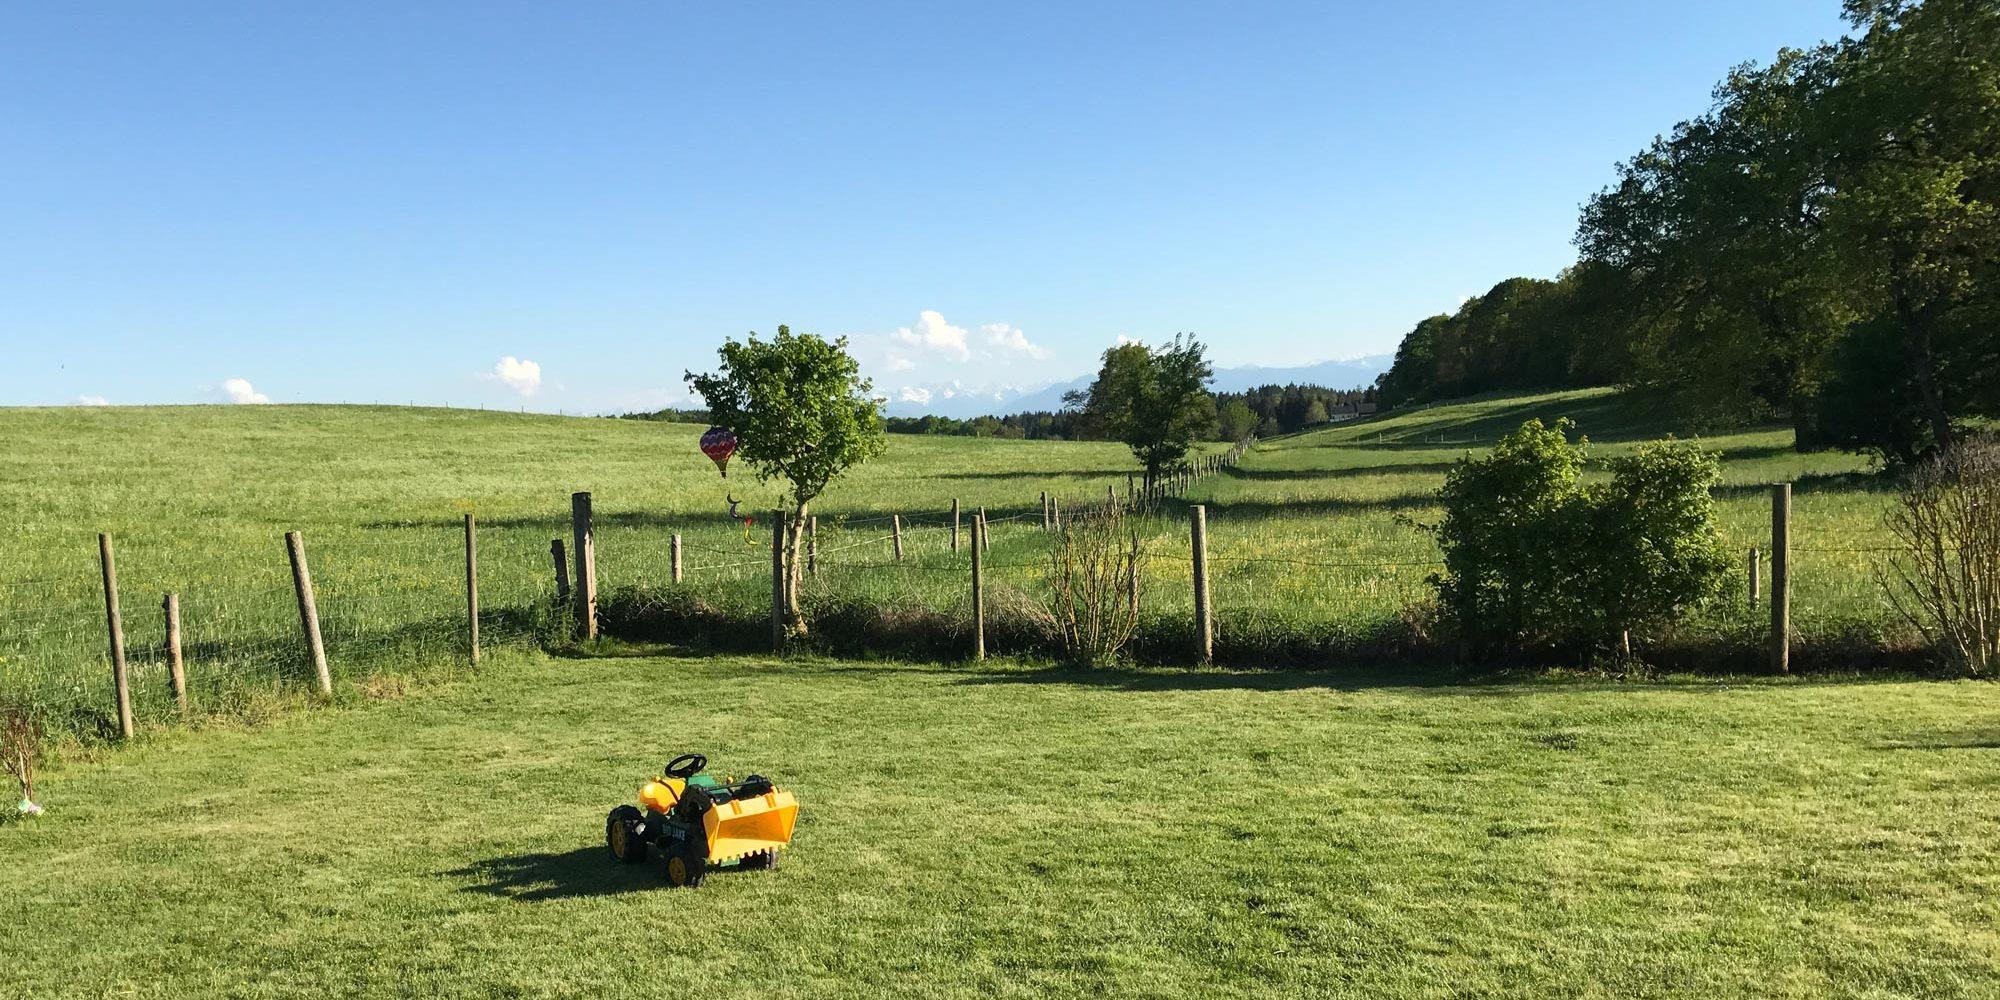 Traktor im Garten